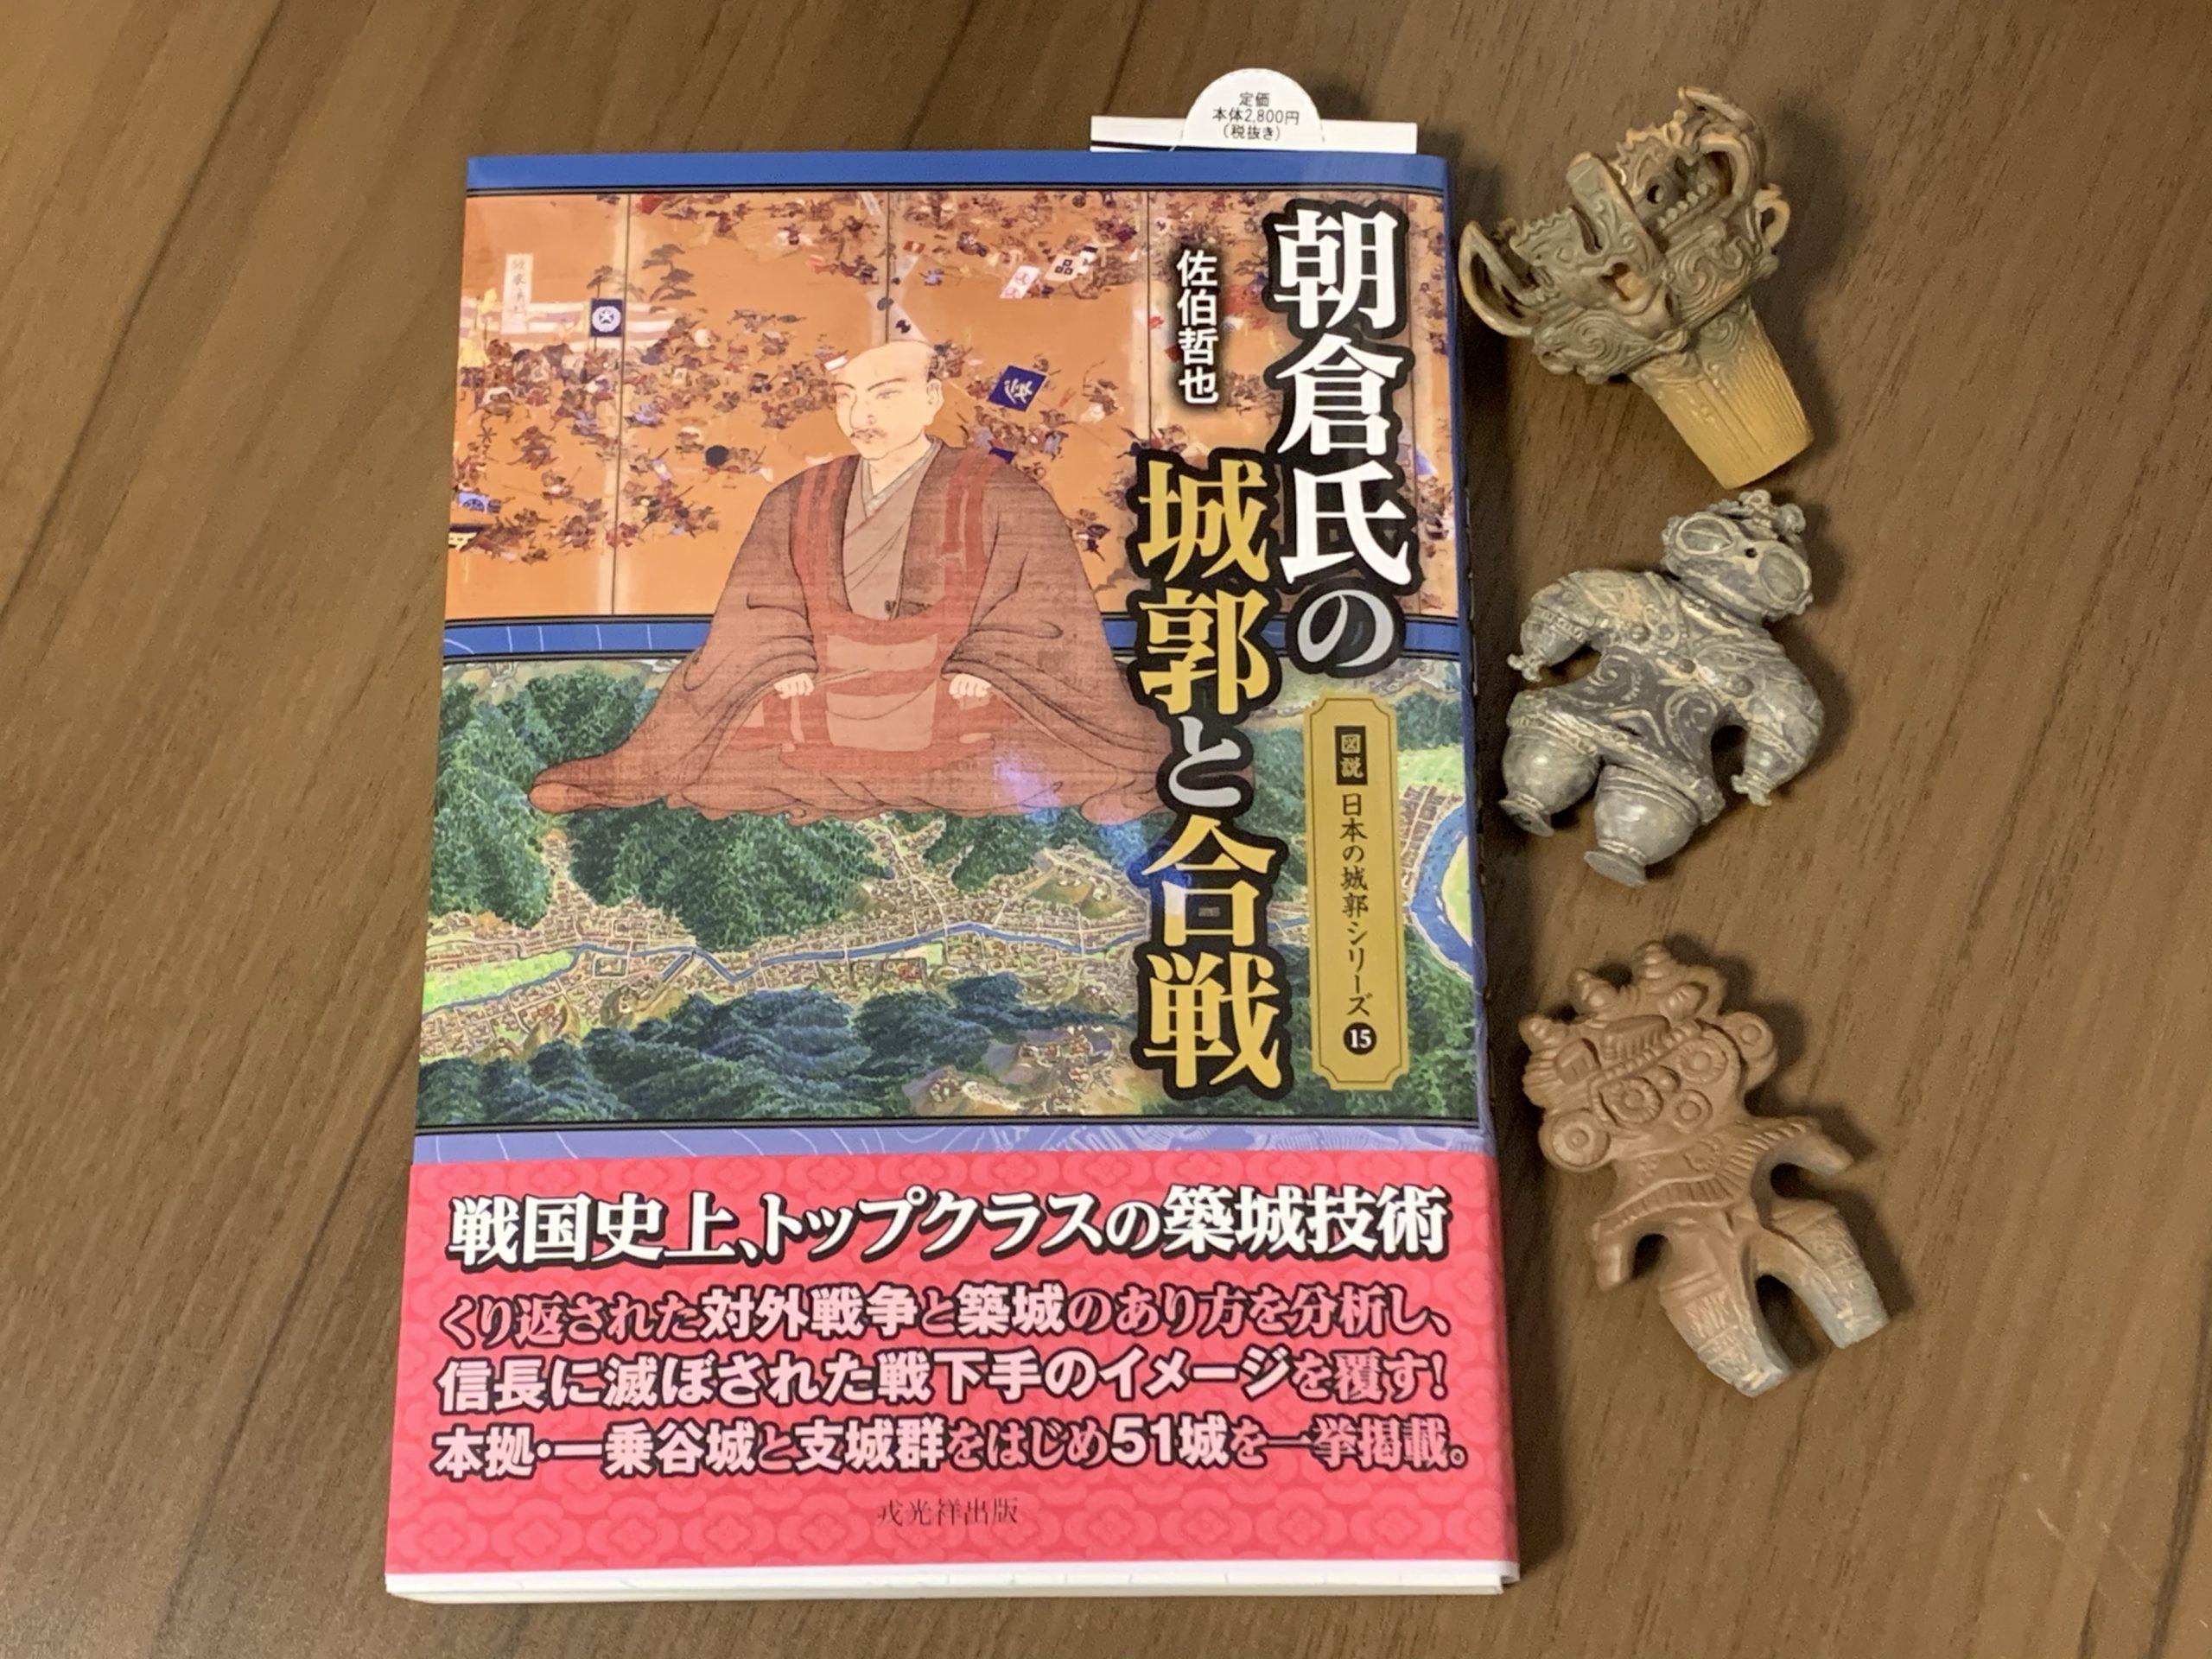 佐伯哲也先生 著『朝倉氏の城郭と合戦』(戎光祥出版,2020)